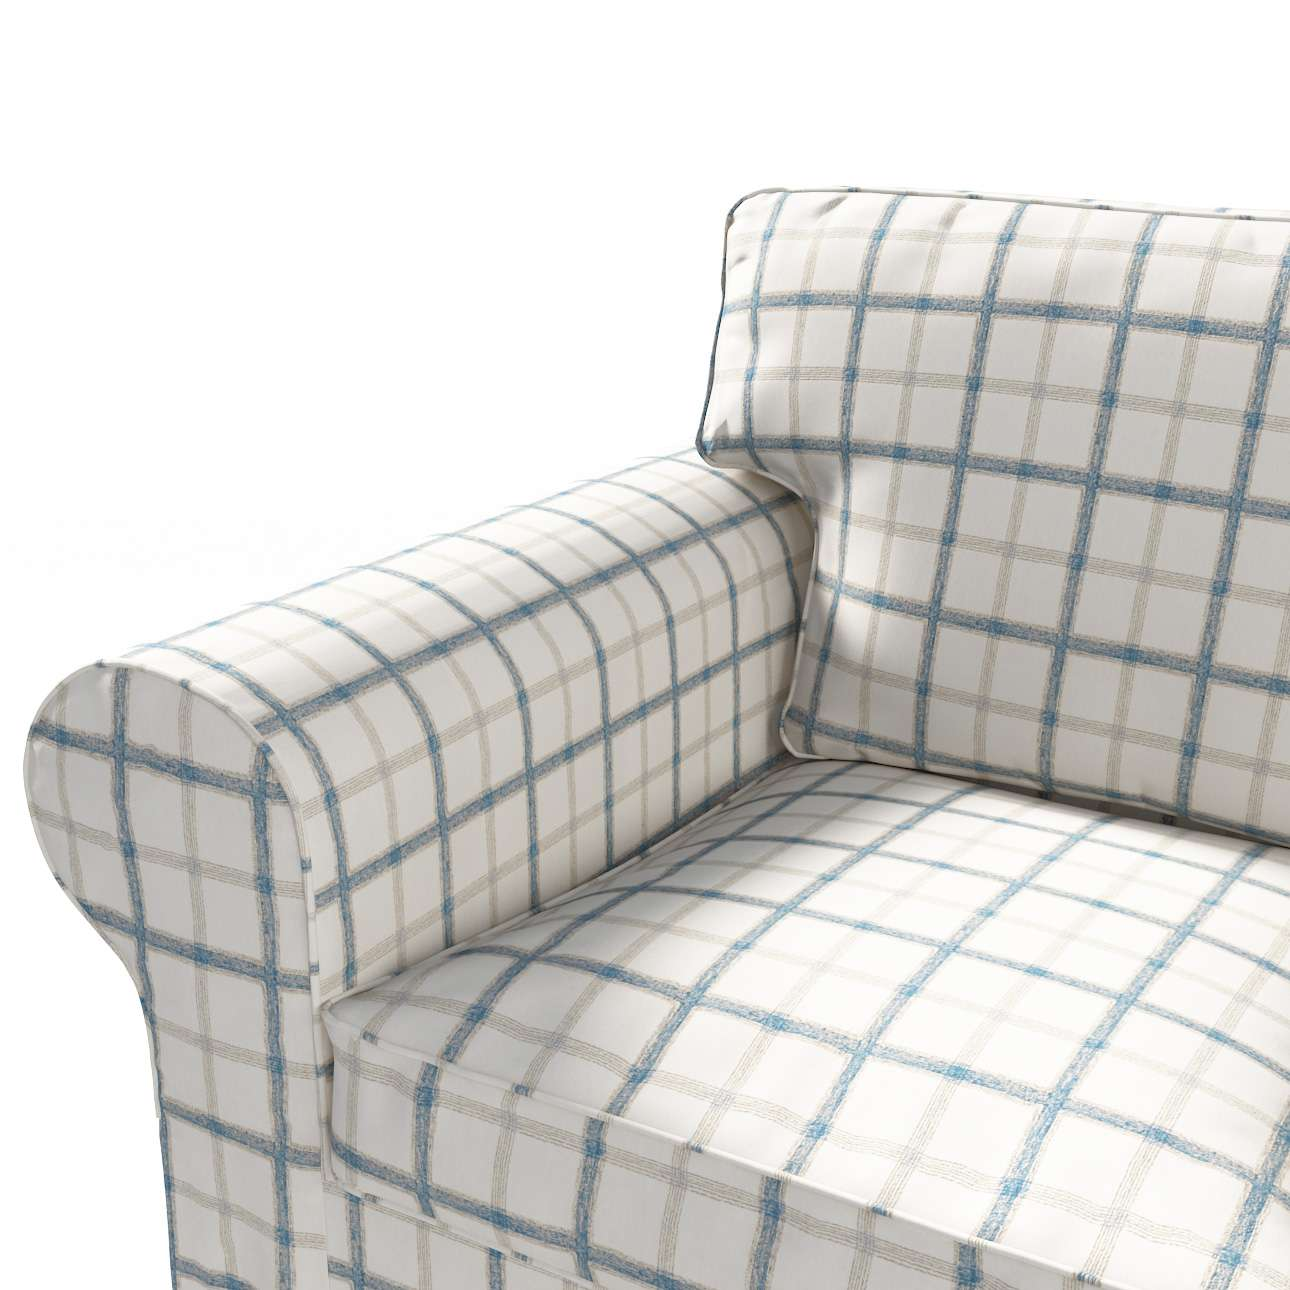 Ektorp 3-Sitzer Sofabezug nicht ausklappbar von der Kollektion Avinon, Stoff: 131-66